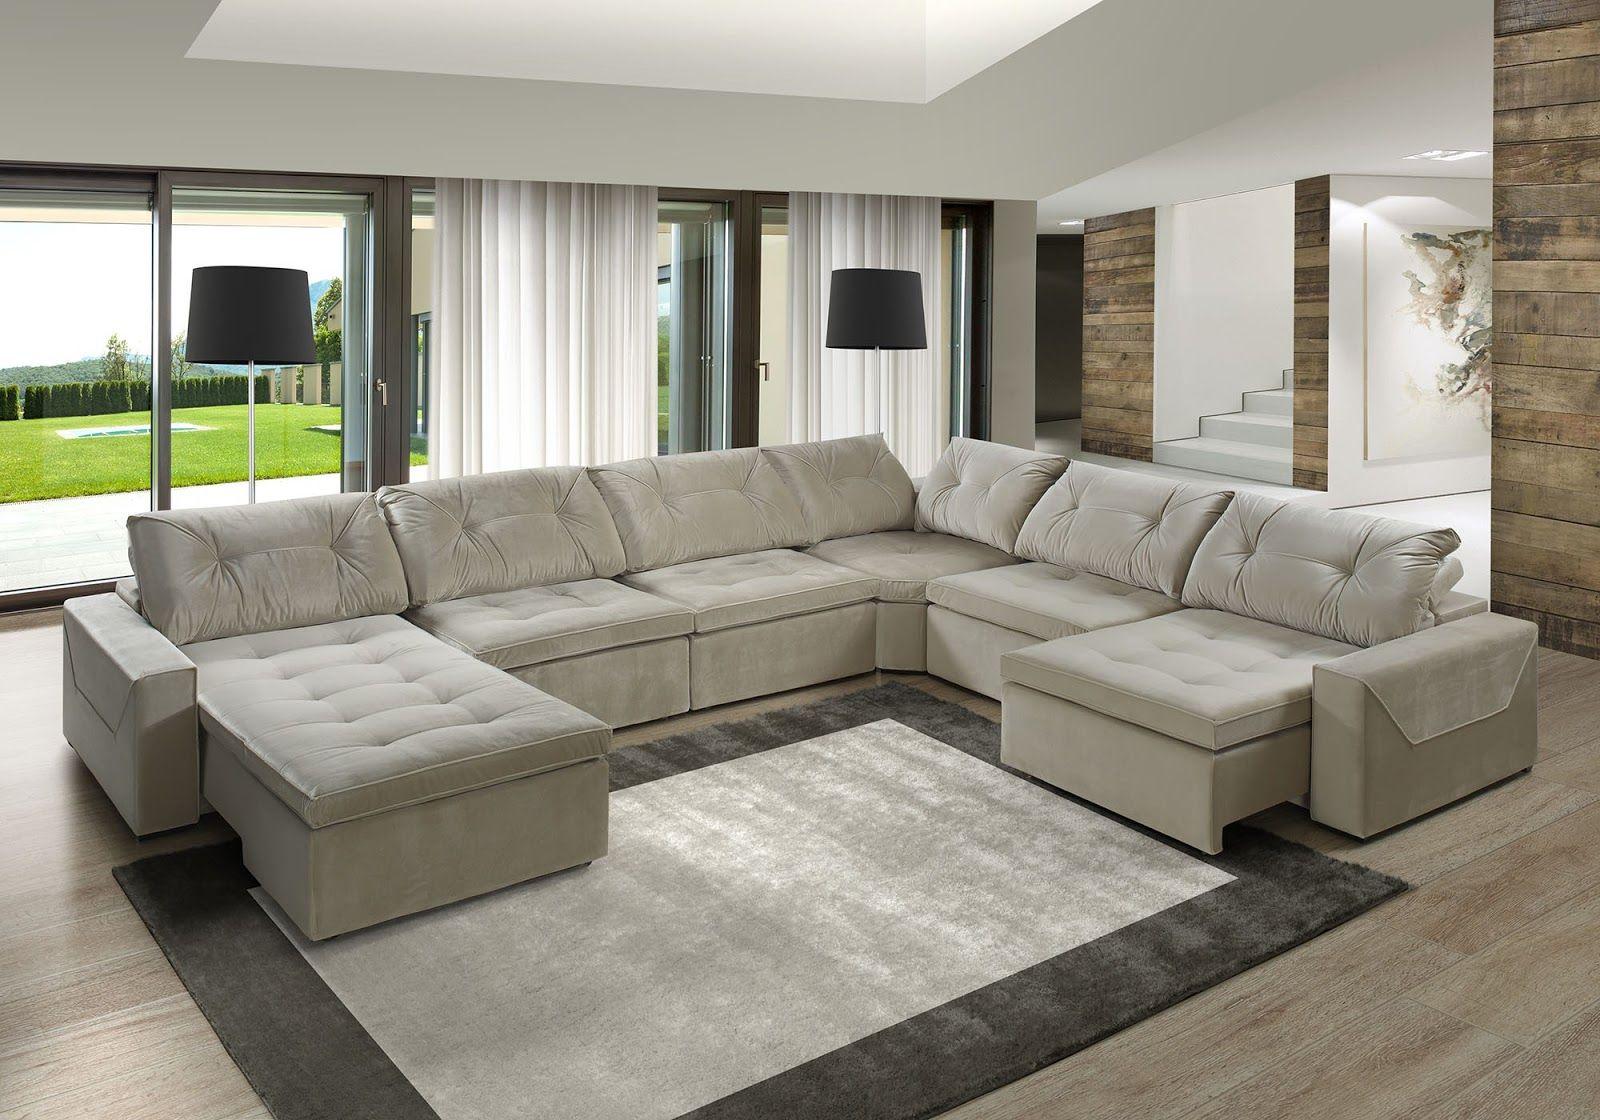 Sofas De Canto Em L Home Decor In 2019 House Furniture Design